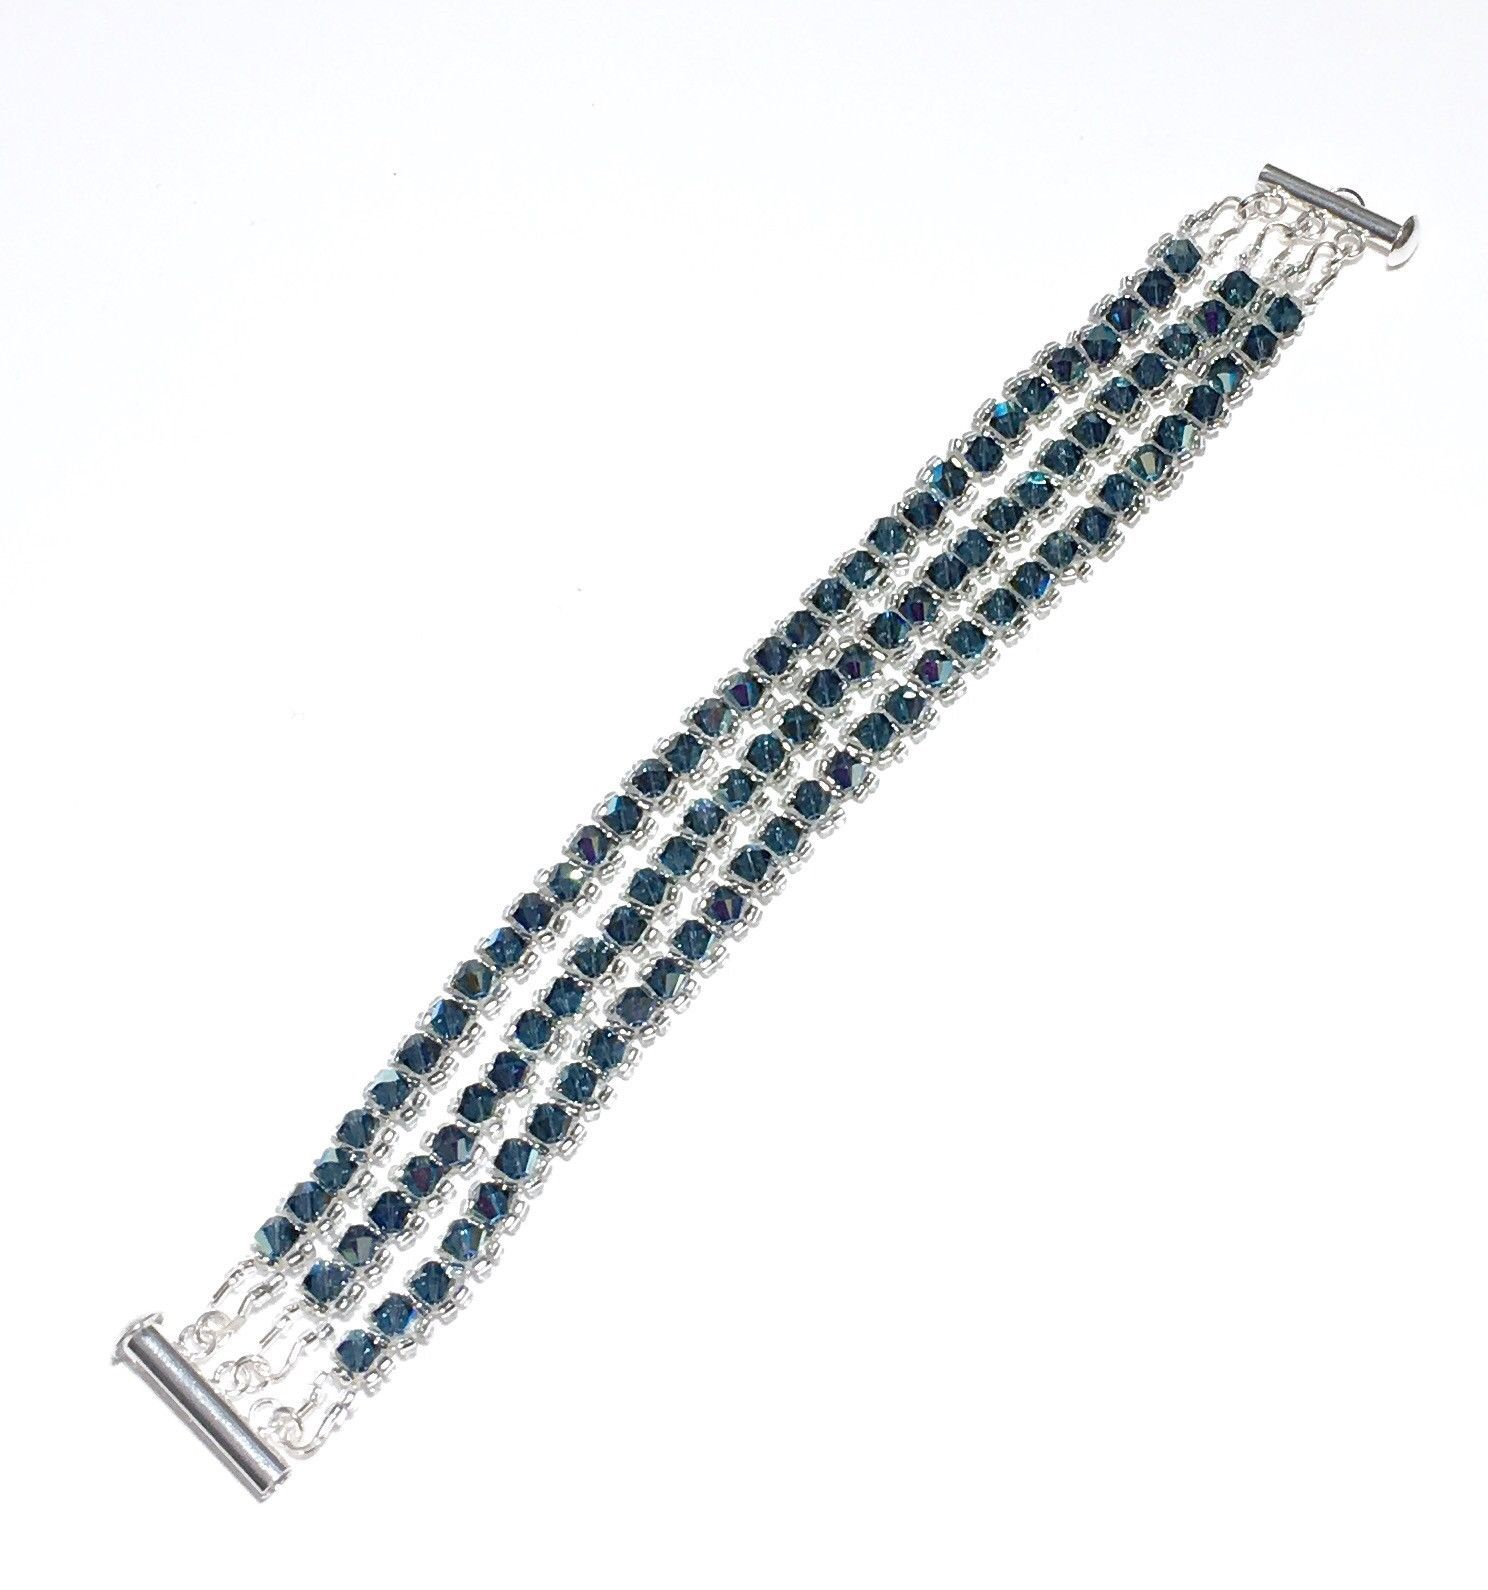 Simply Sparkling Bracelet - Montana, Swarovski